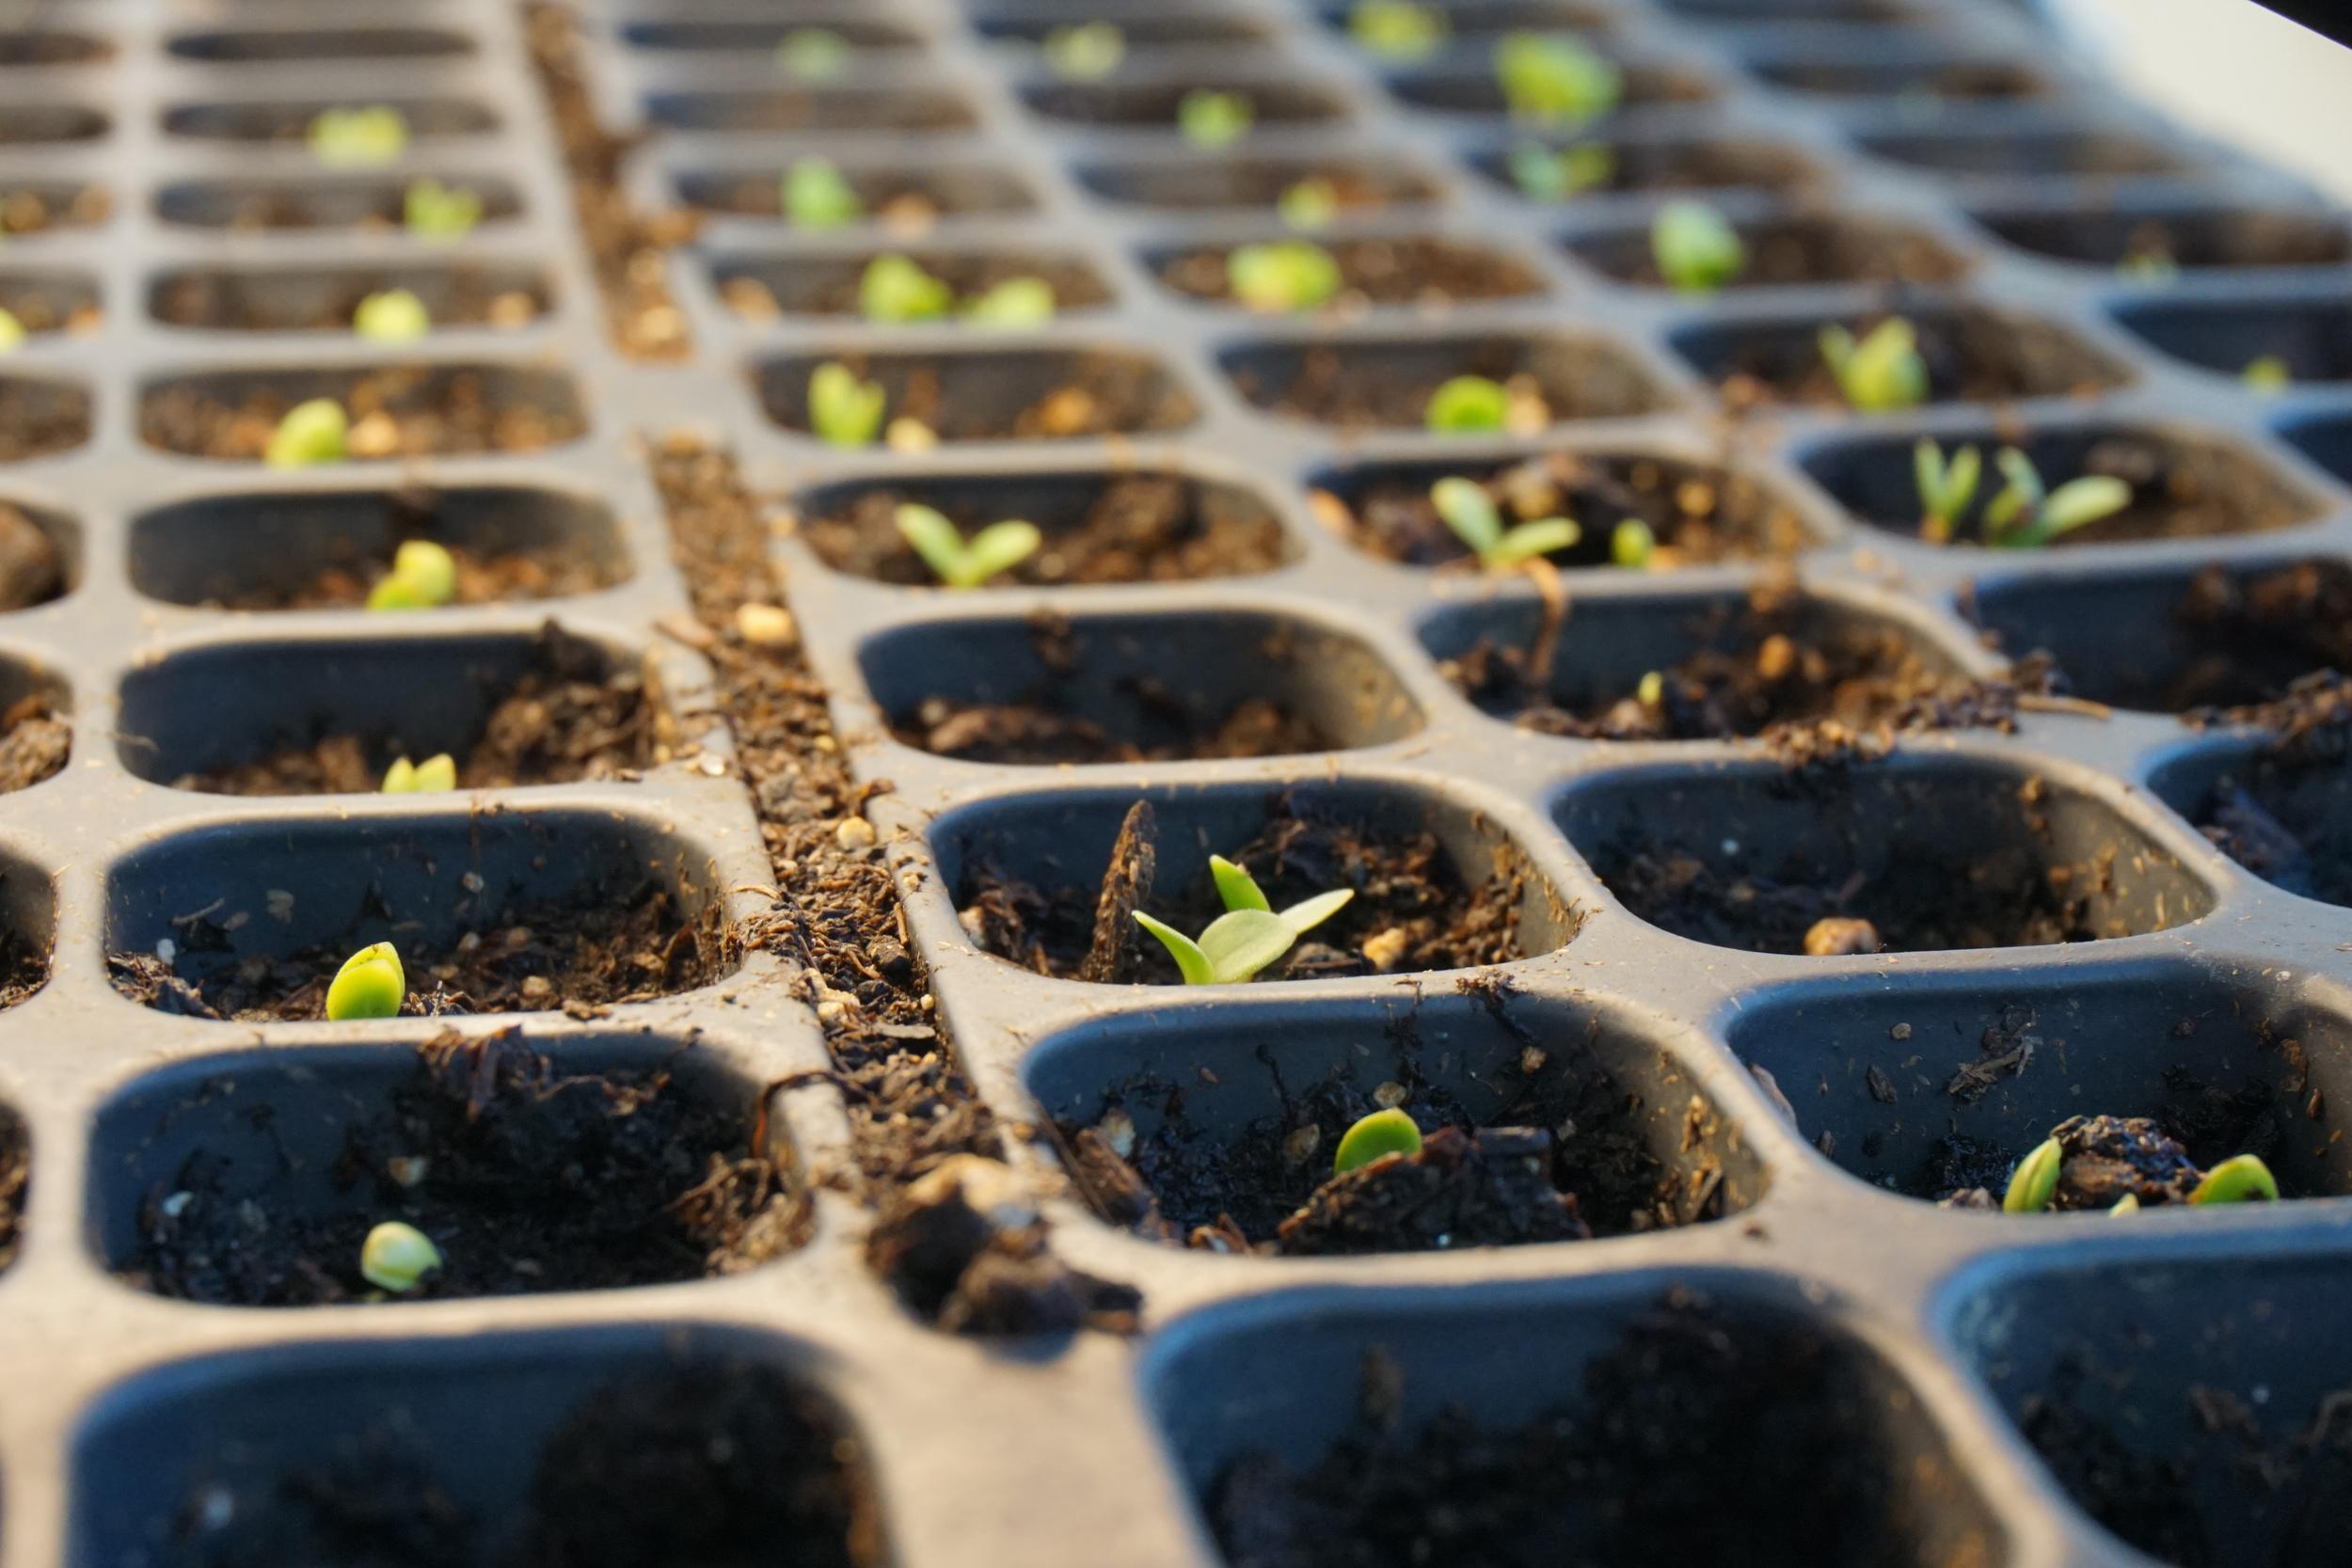 forget me not seedlings germinating...